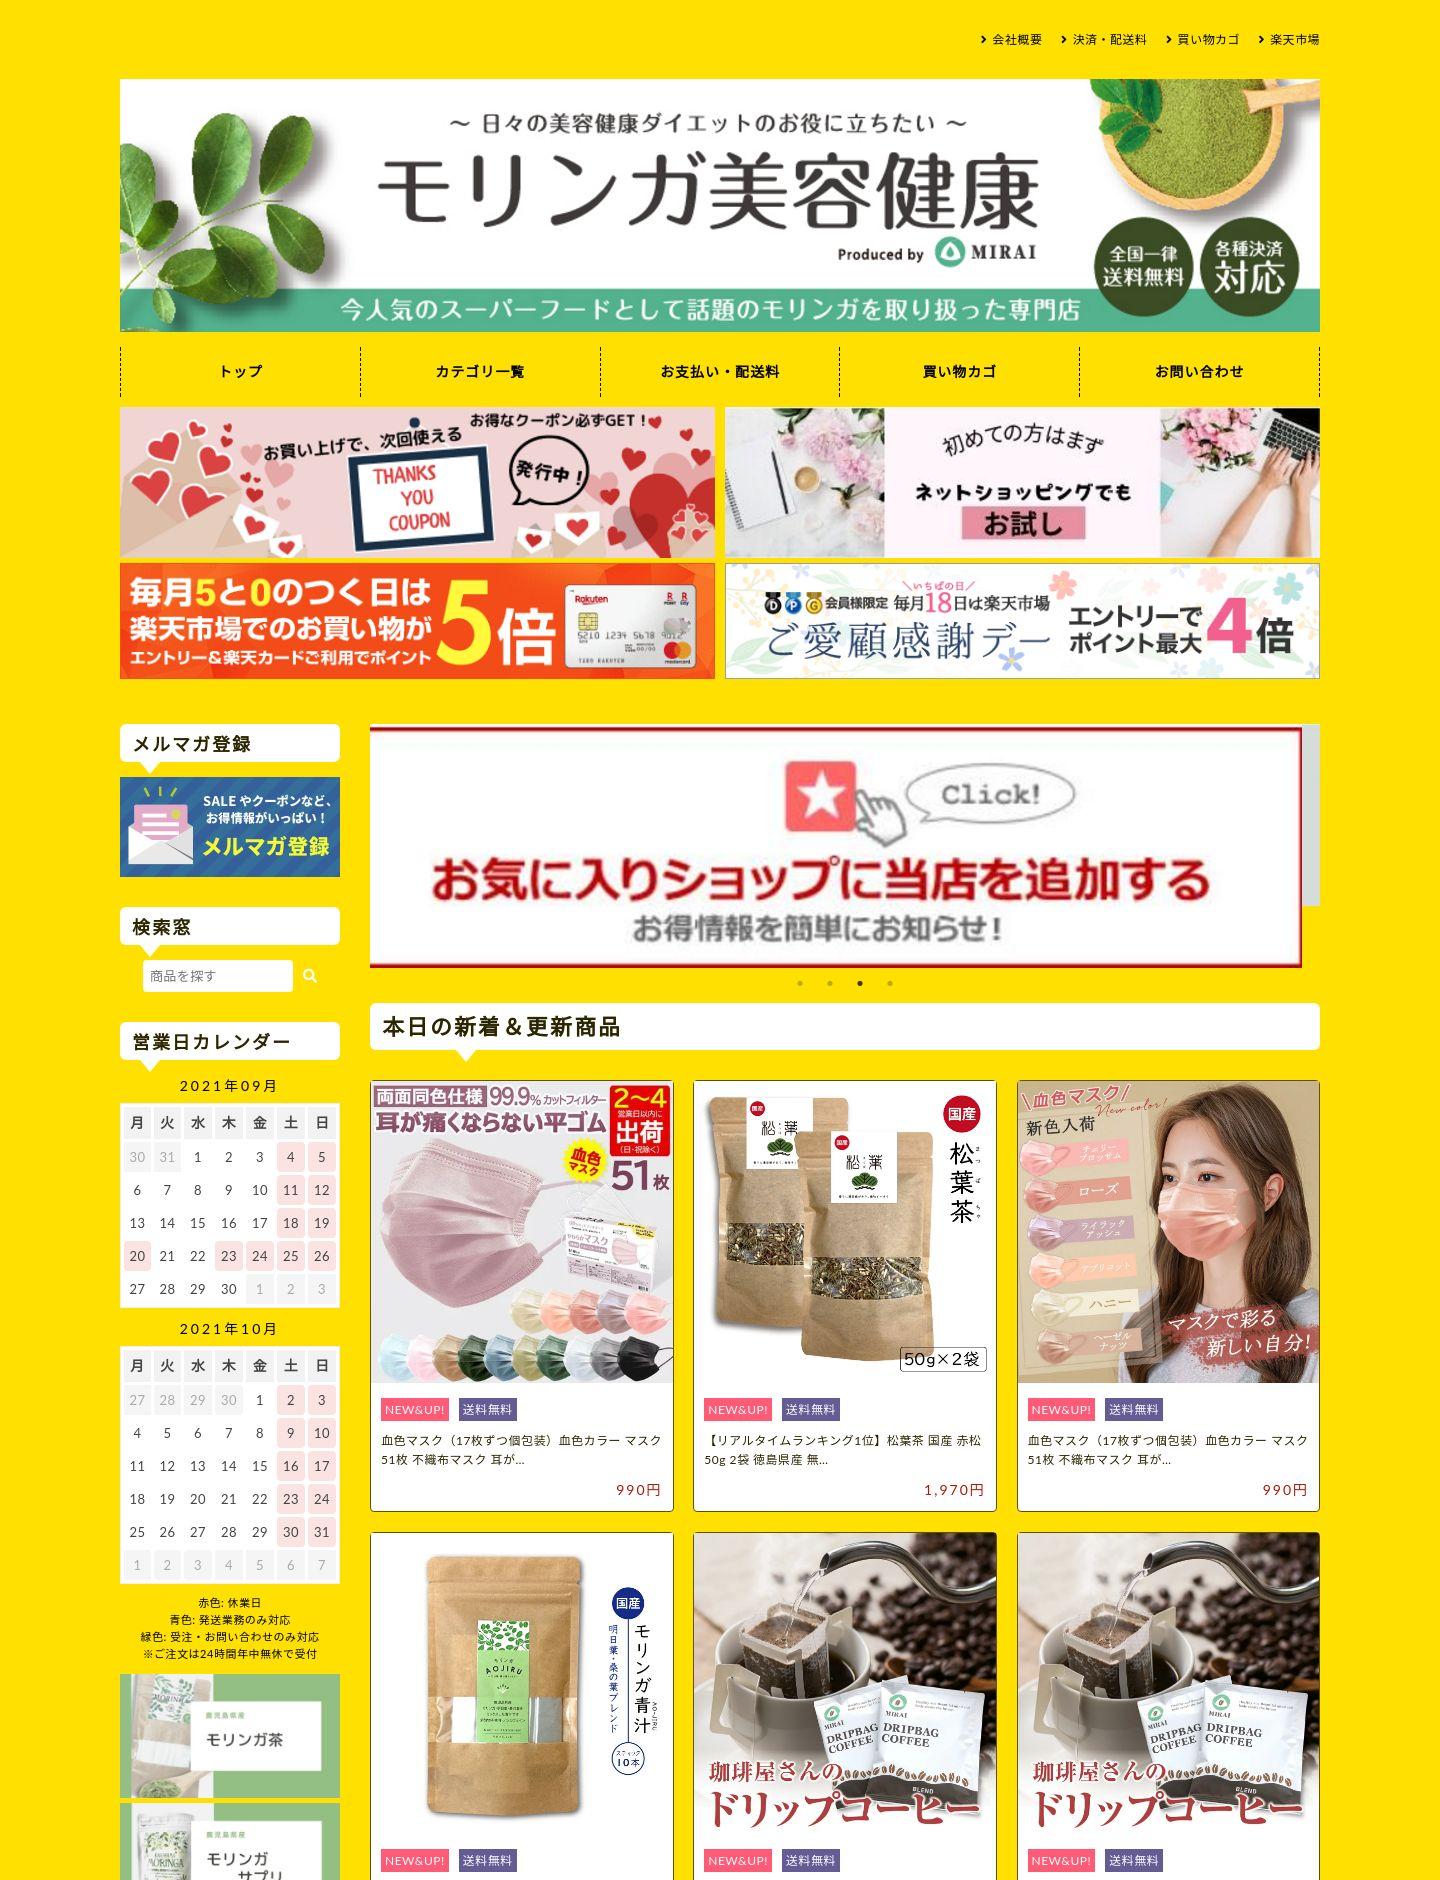 モリンガ美容健康様 サイト画像